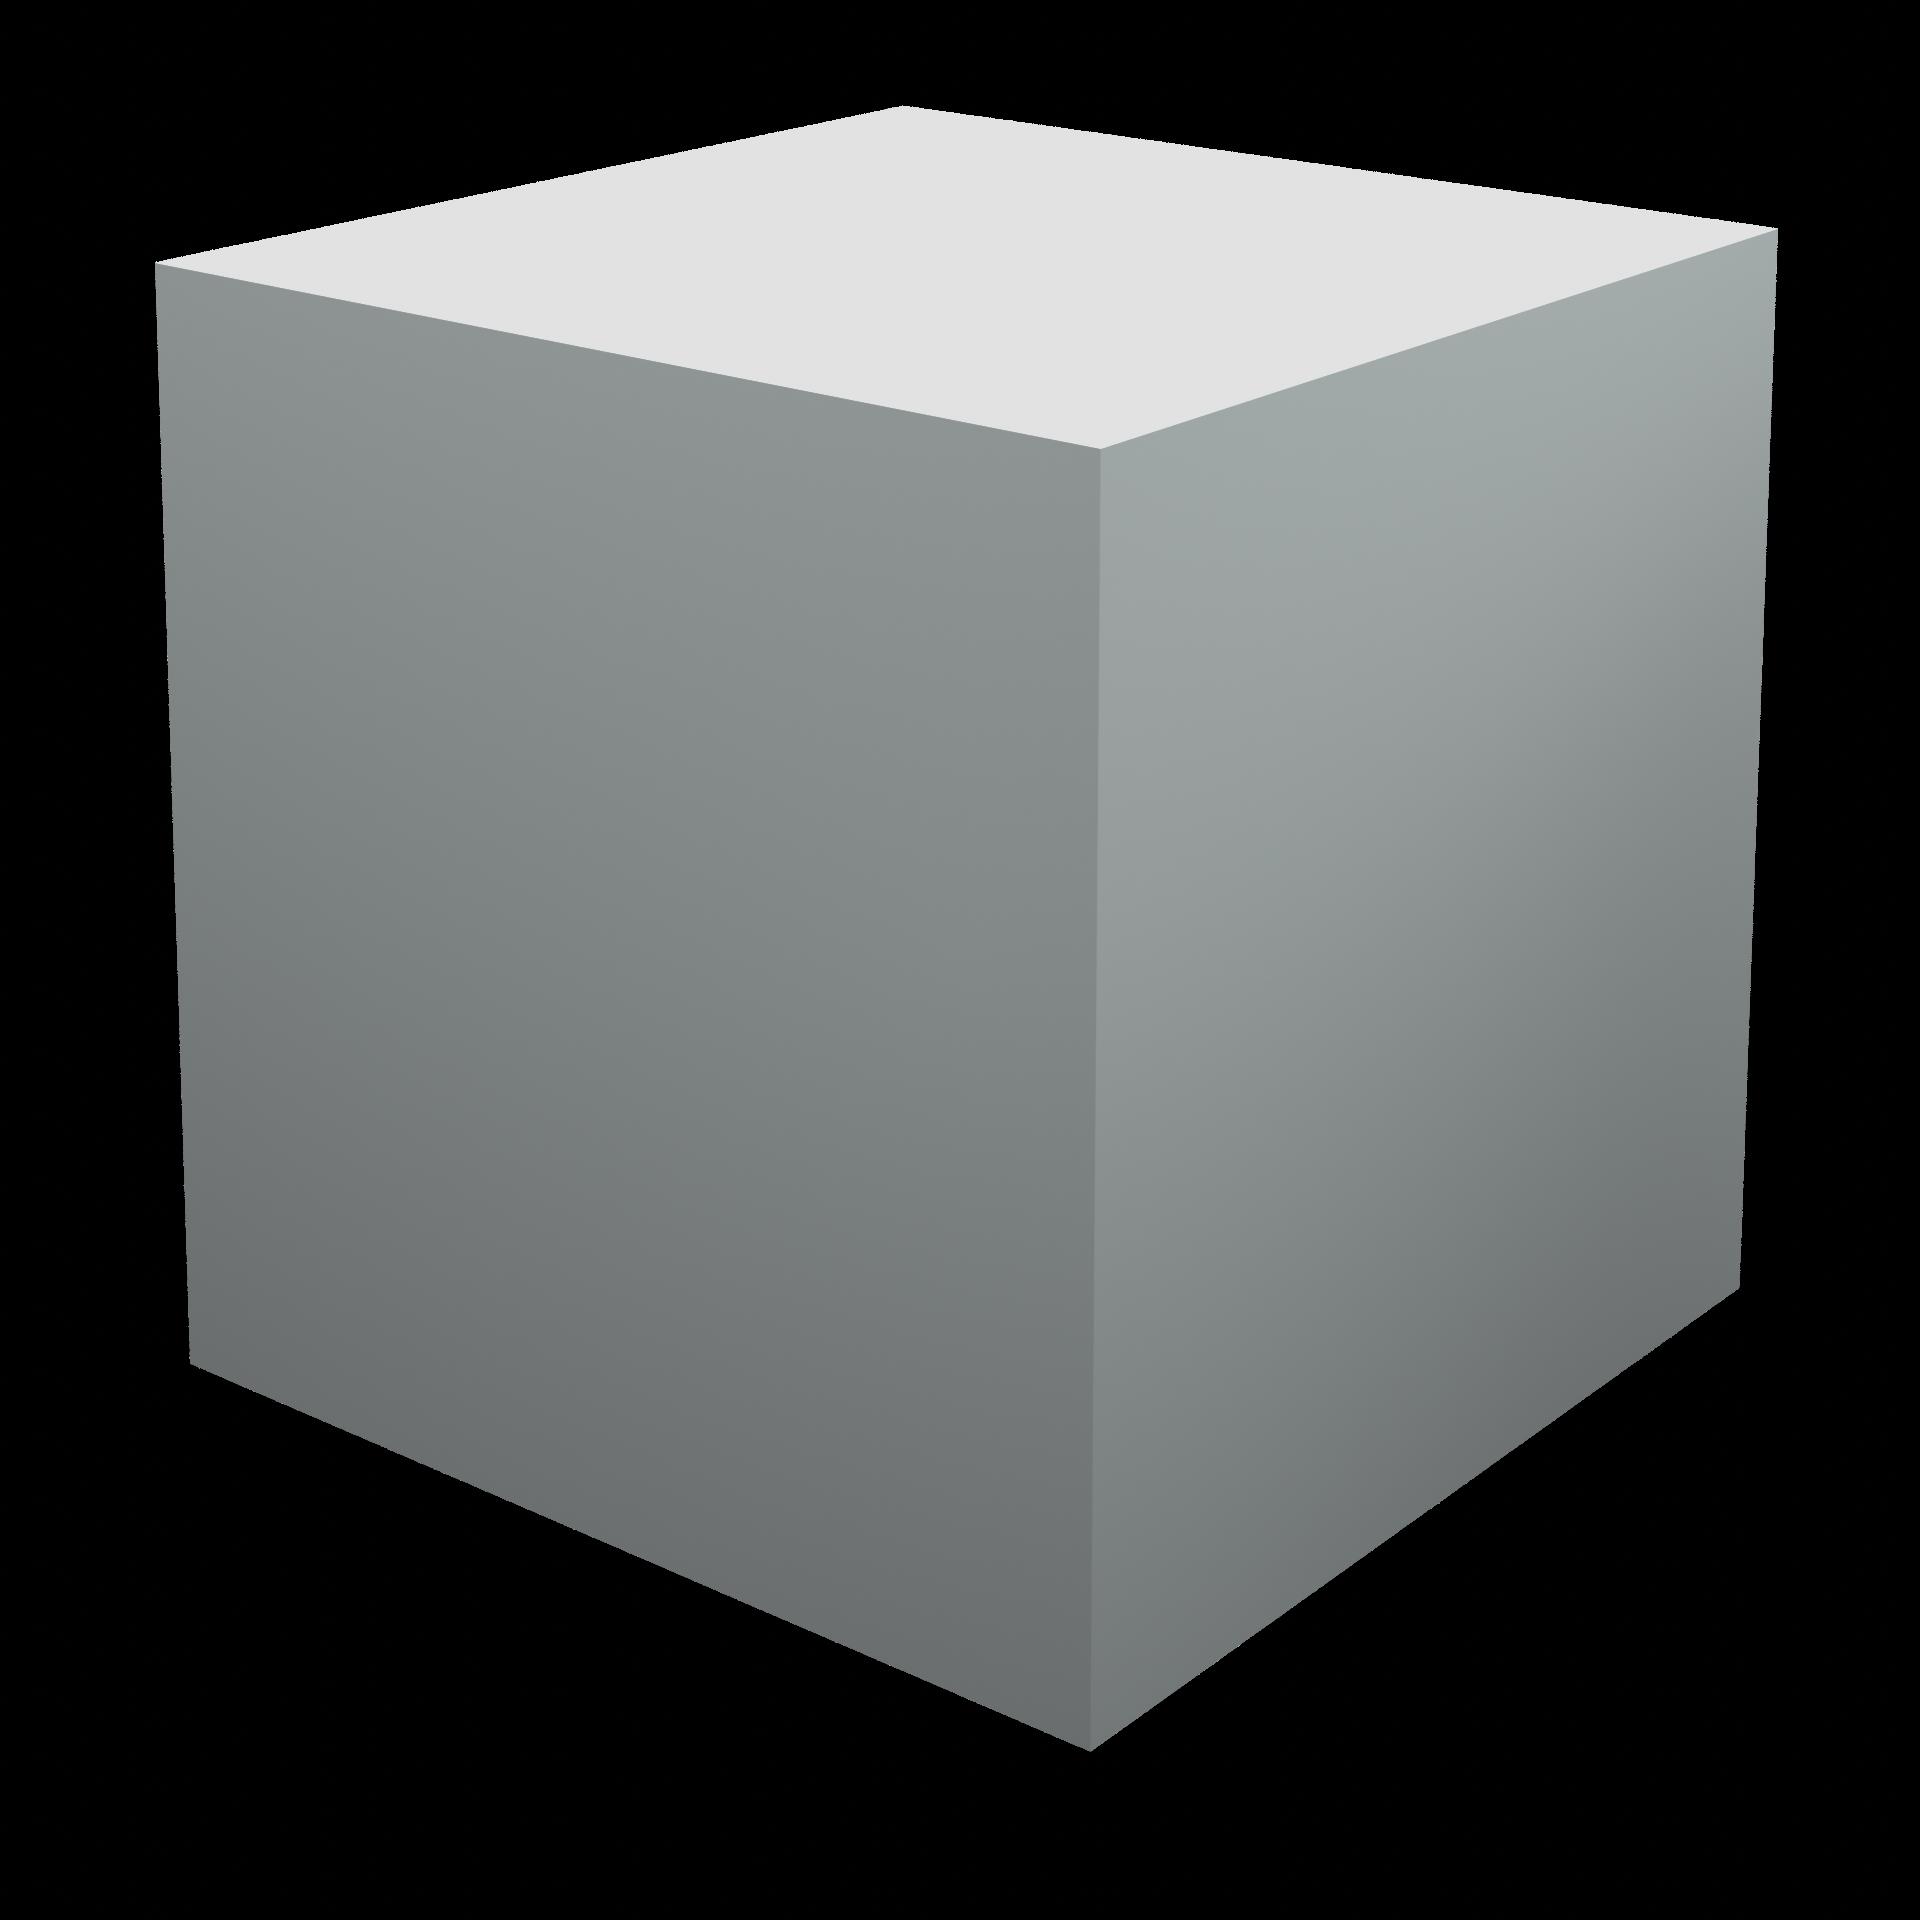 Cubo per sito